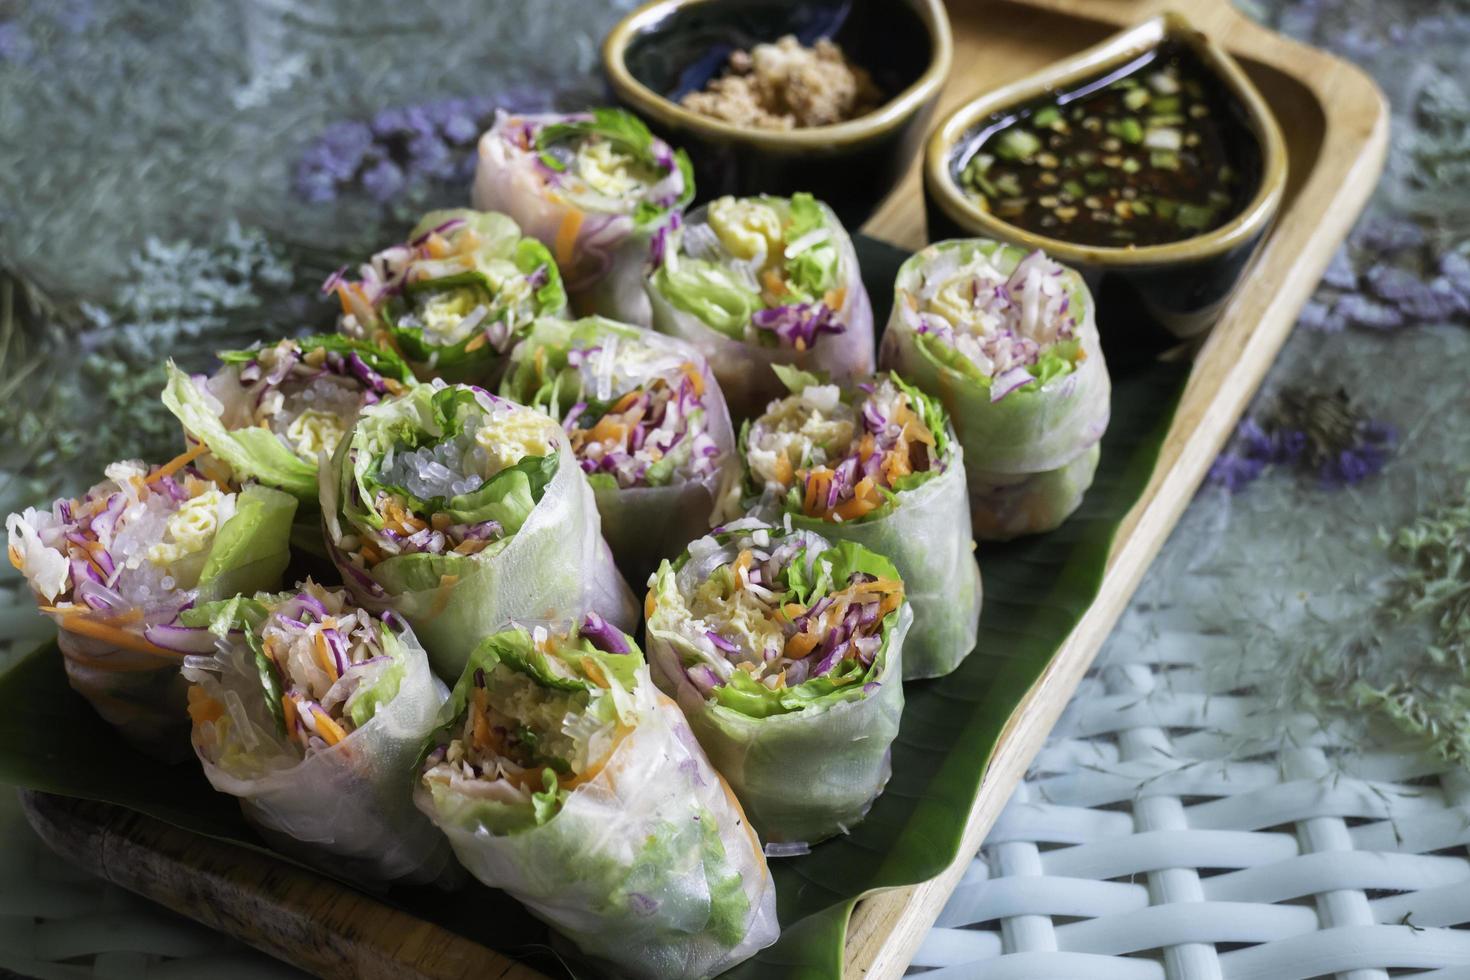 rollitos de primavera de vegetales frescos saludables foto